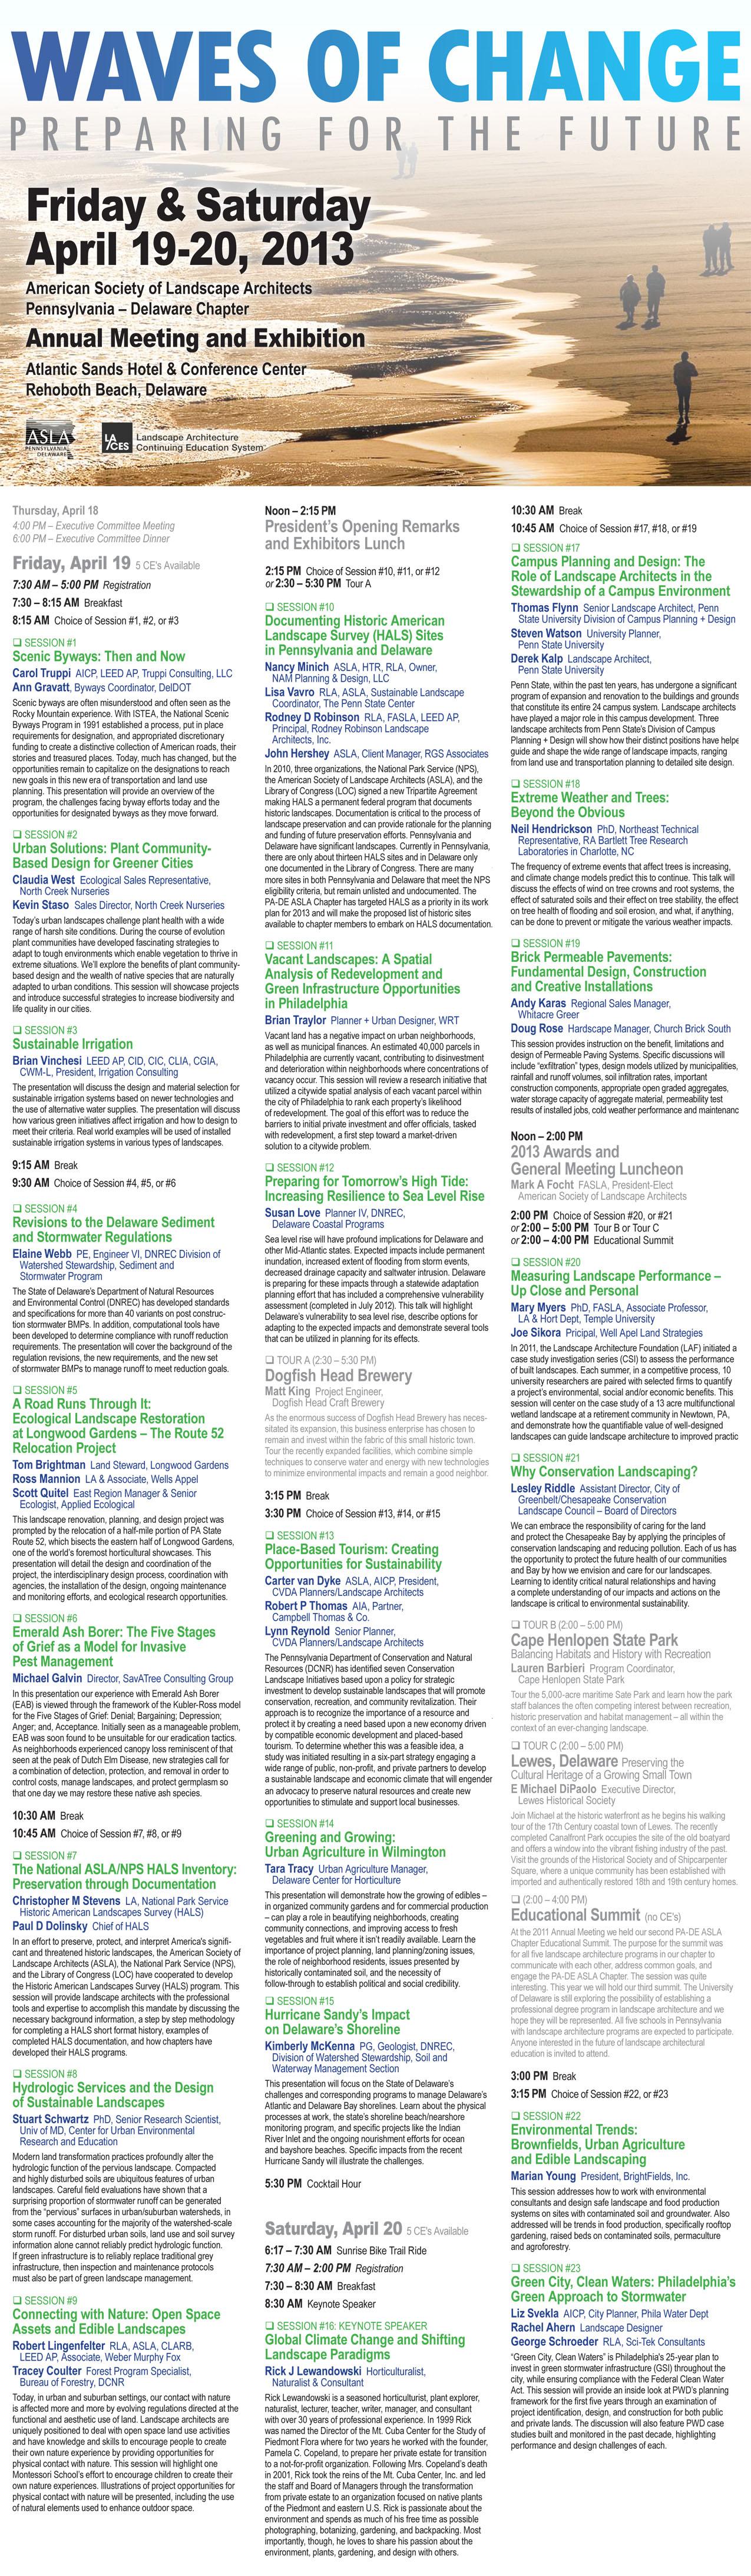 2013-03-14_waves-of-change_web